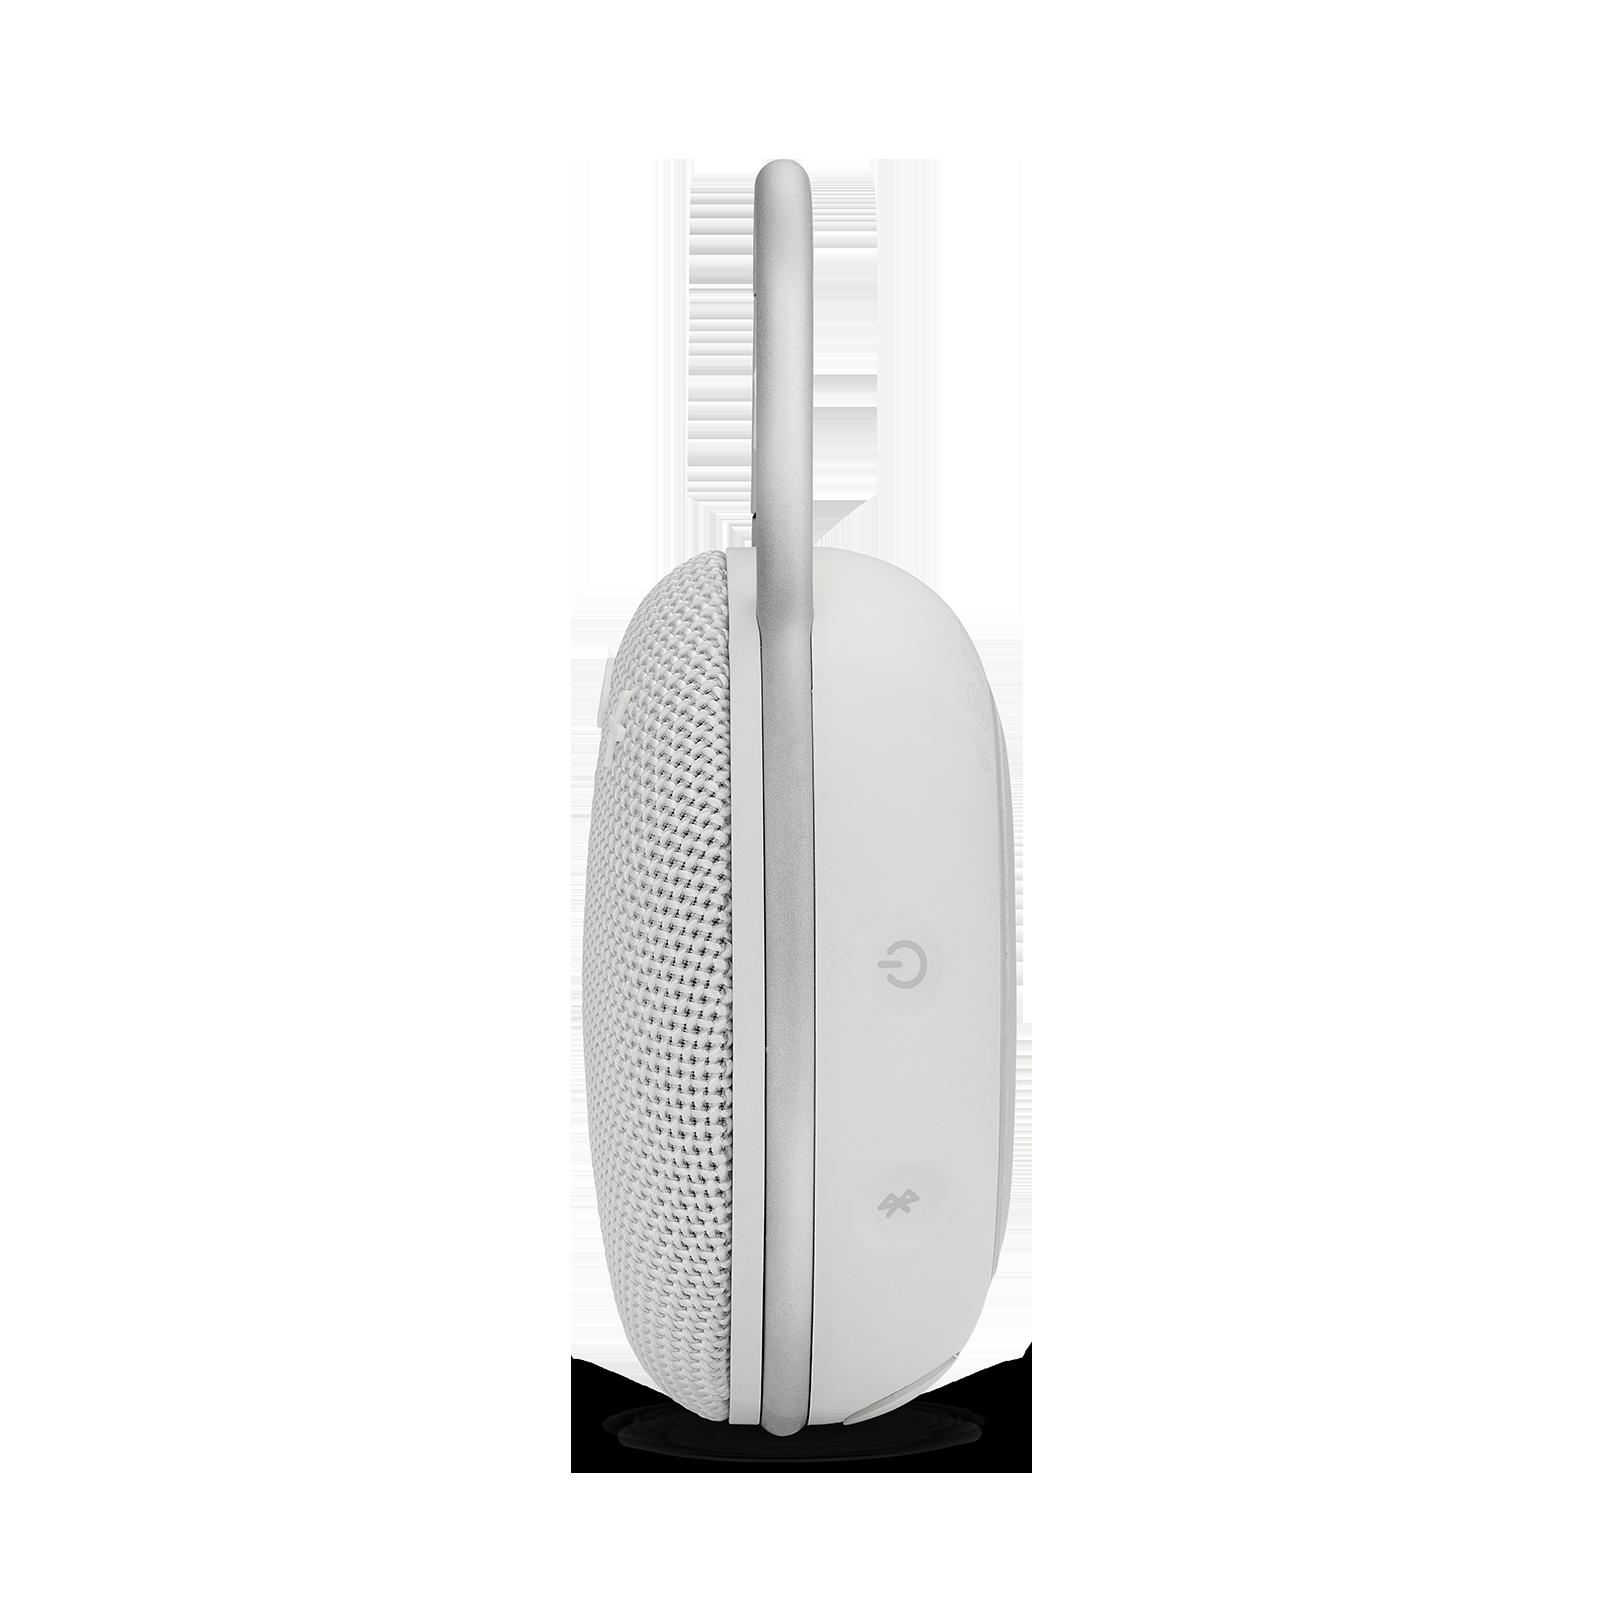 JBL CLIP 3 - Steel White - Portable Bluetooth® speaker - Detailshot 2